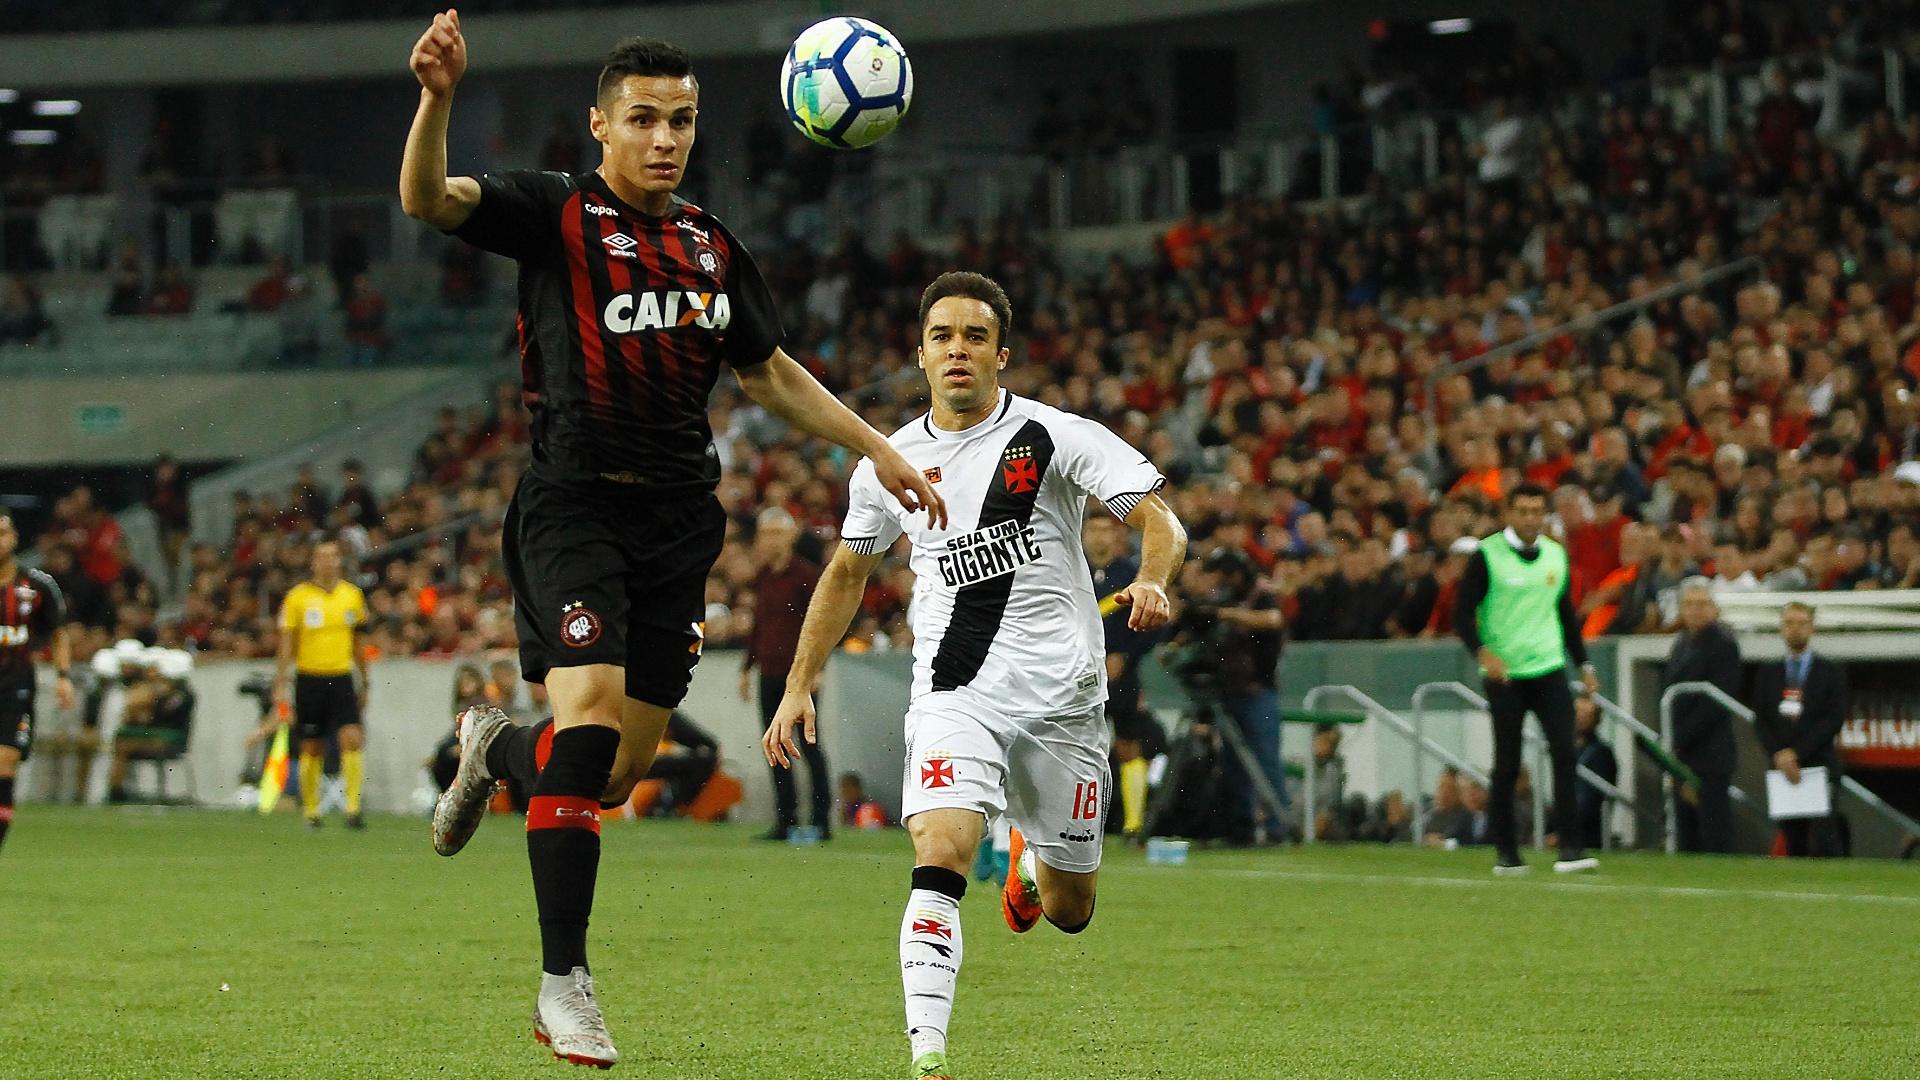 Raphael Veiga domina bola durante Atlético-PR x Vasco, pelo Campeonato Brasileiro